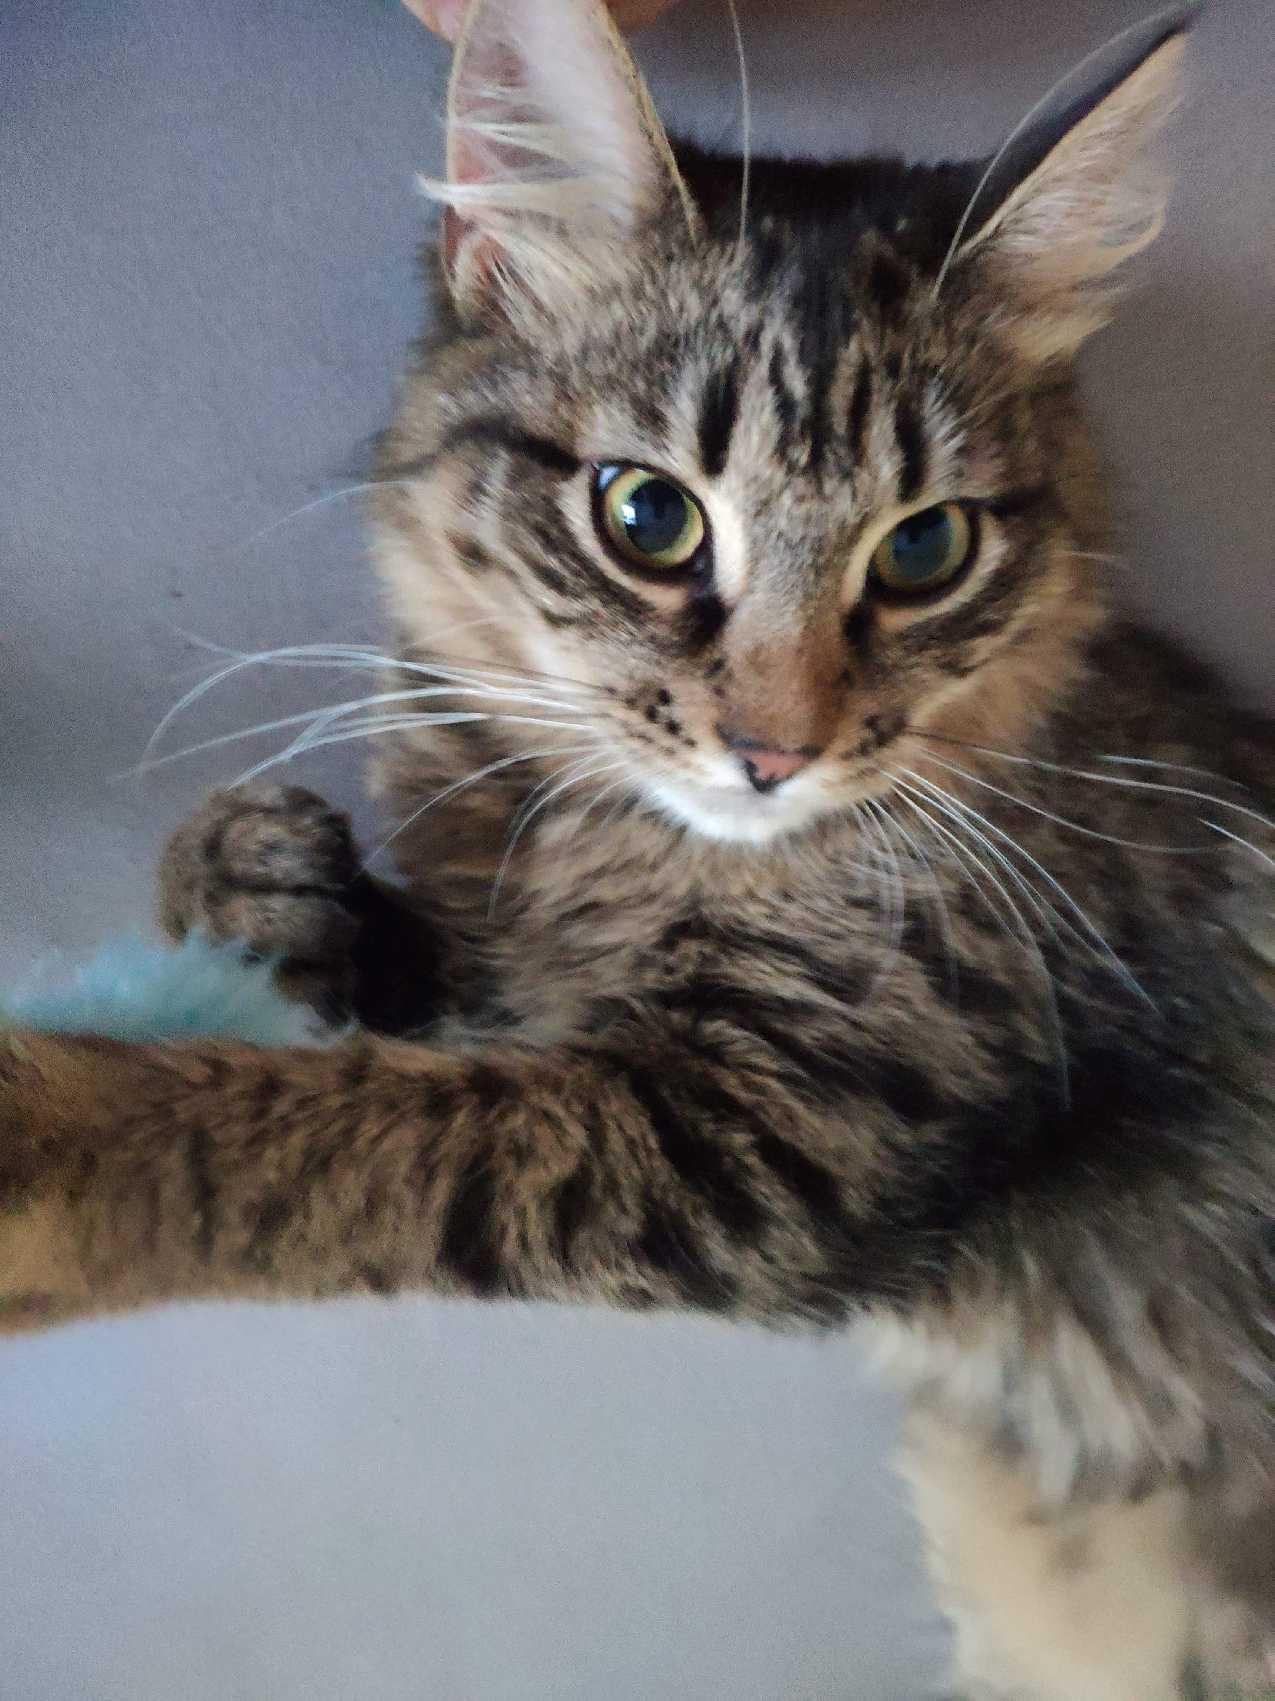 Oglądasz obrazki z tematu: Szary puchaty kotek znaleziony na ul. Antoniuk Fabryczny wrócil do domu :)